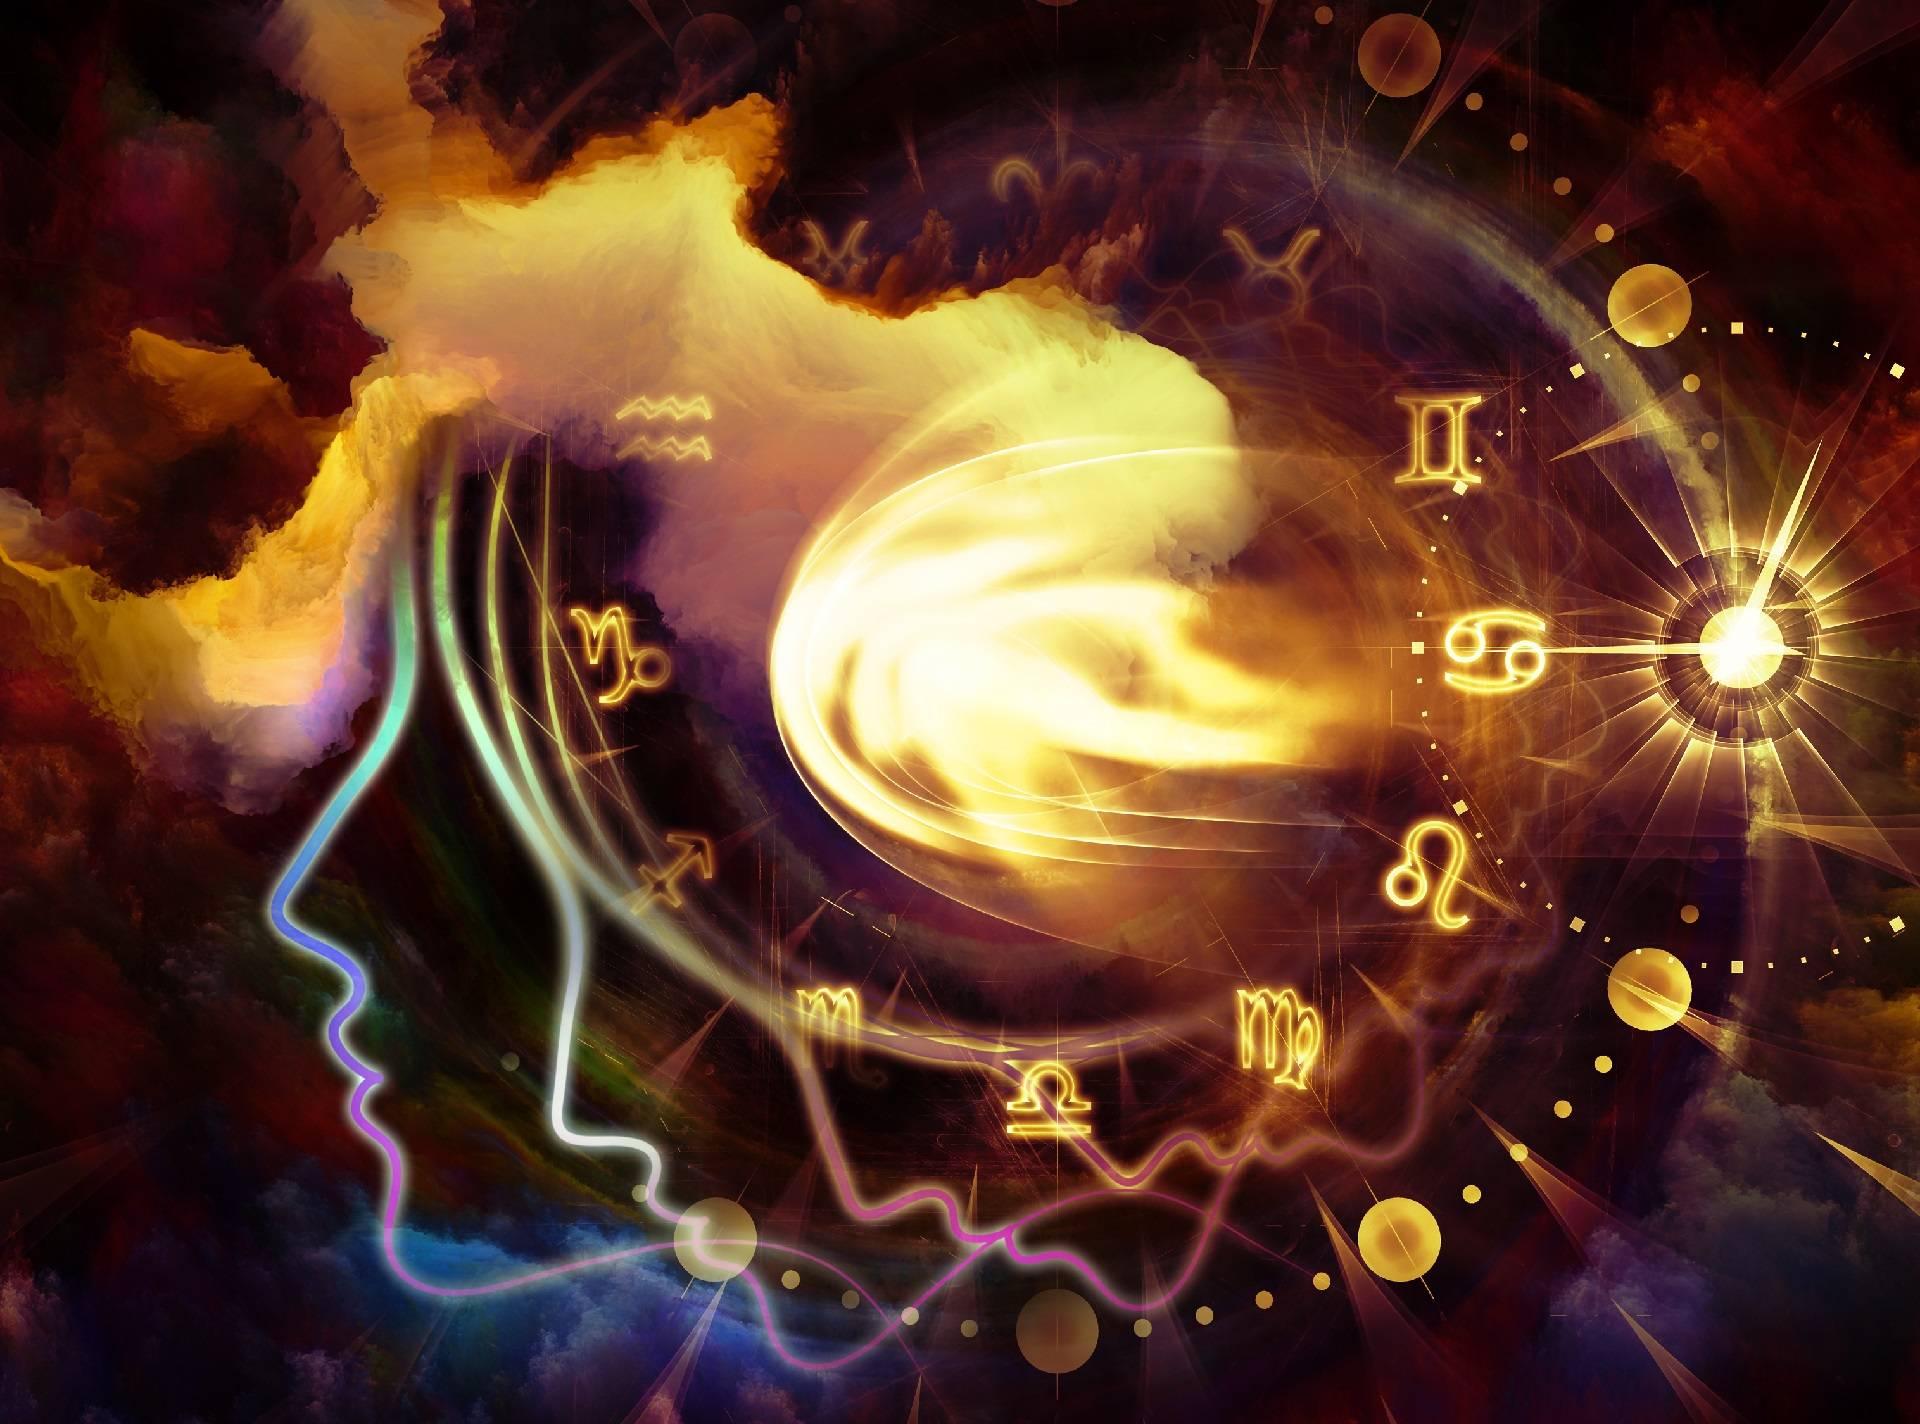 Гадание на сегодняшний день превосходит зодиакальные прогнозы использованием энергий